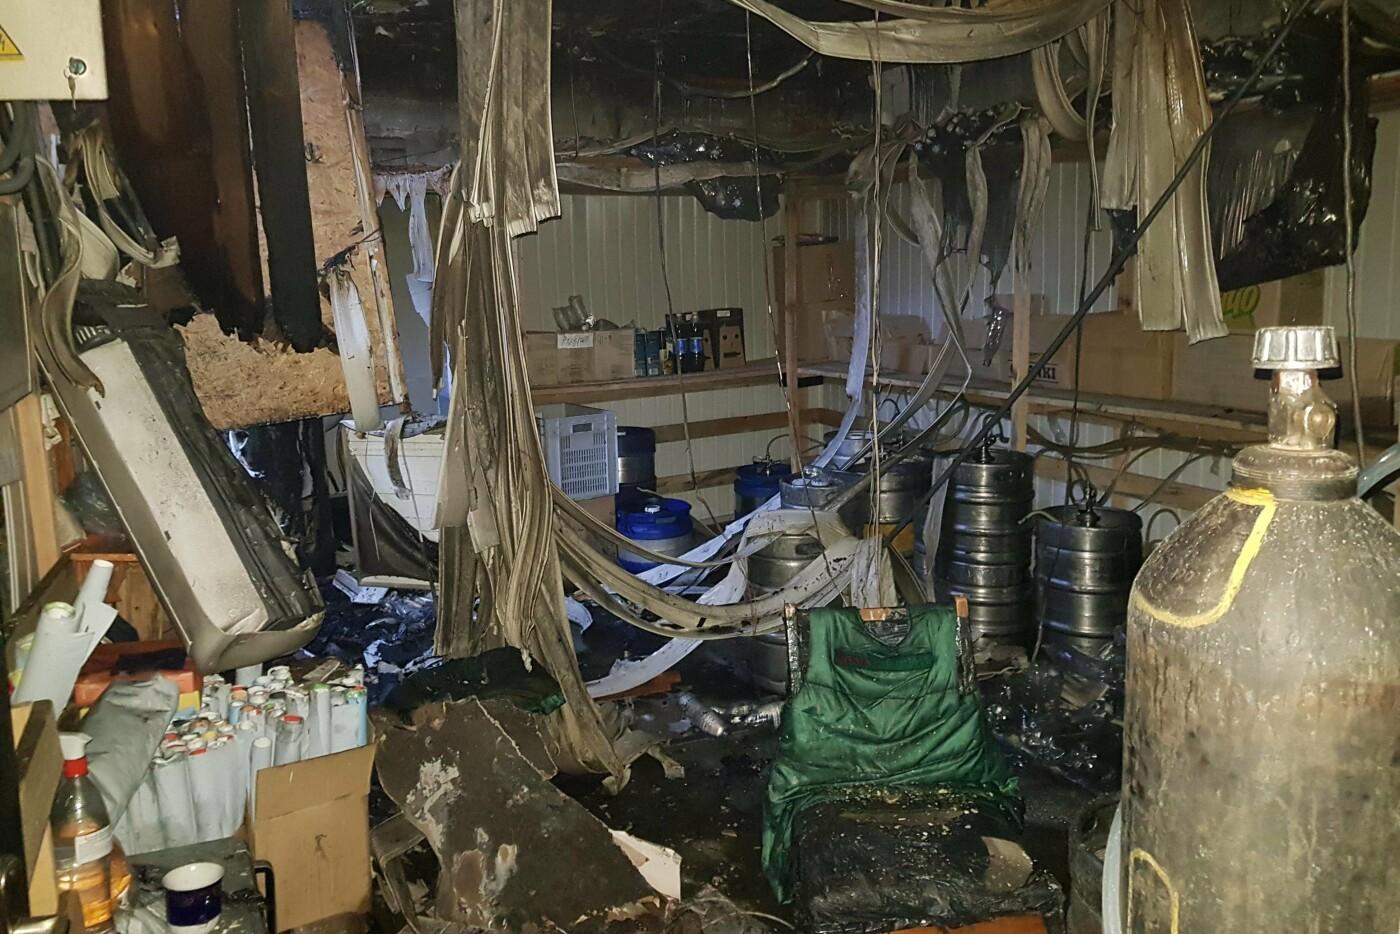 Под Харьковом спасатели тушили масштабный пожар в магазине, который загорелся из-за короткого замыкания, - ФОТО, фото-3